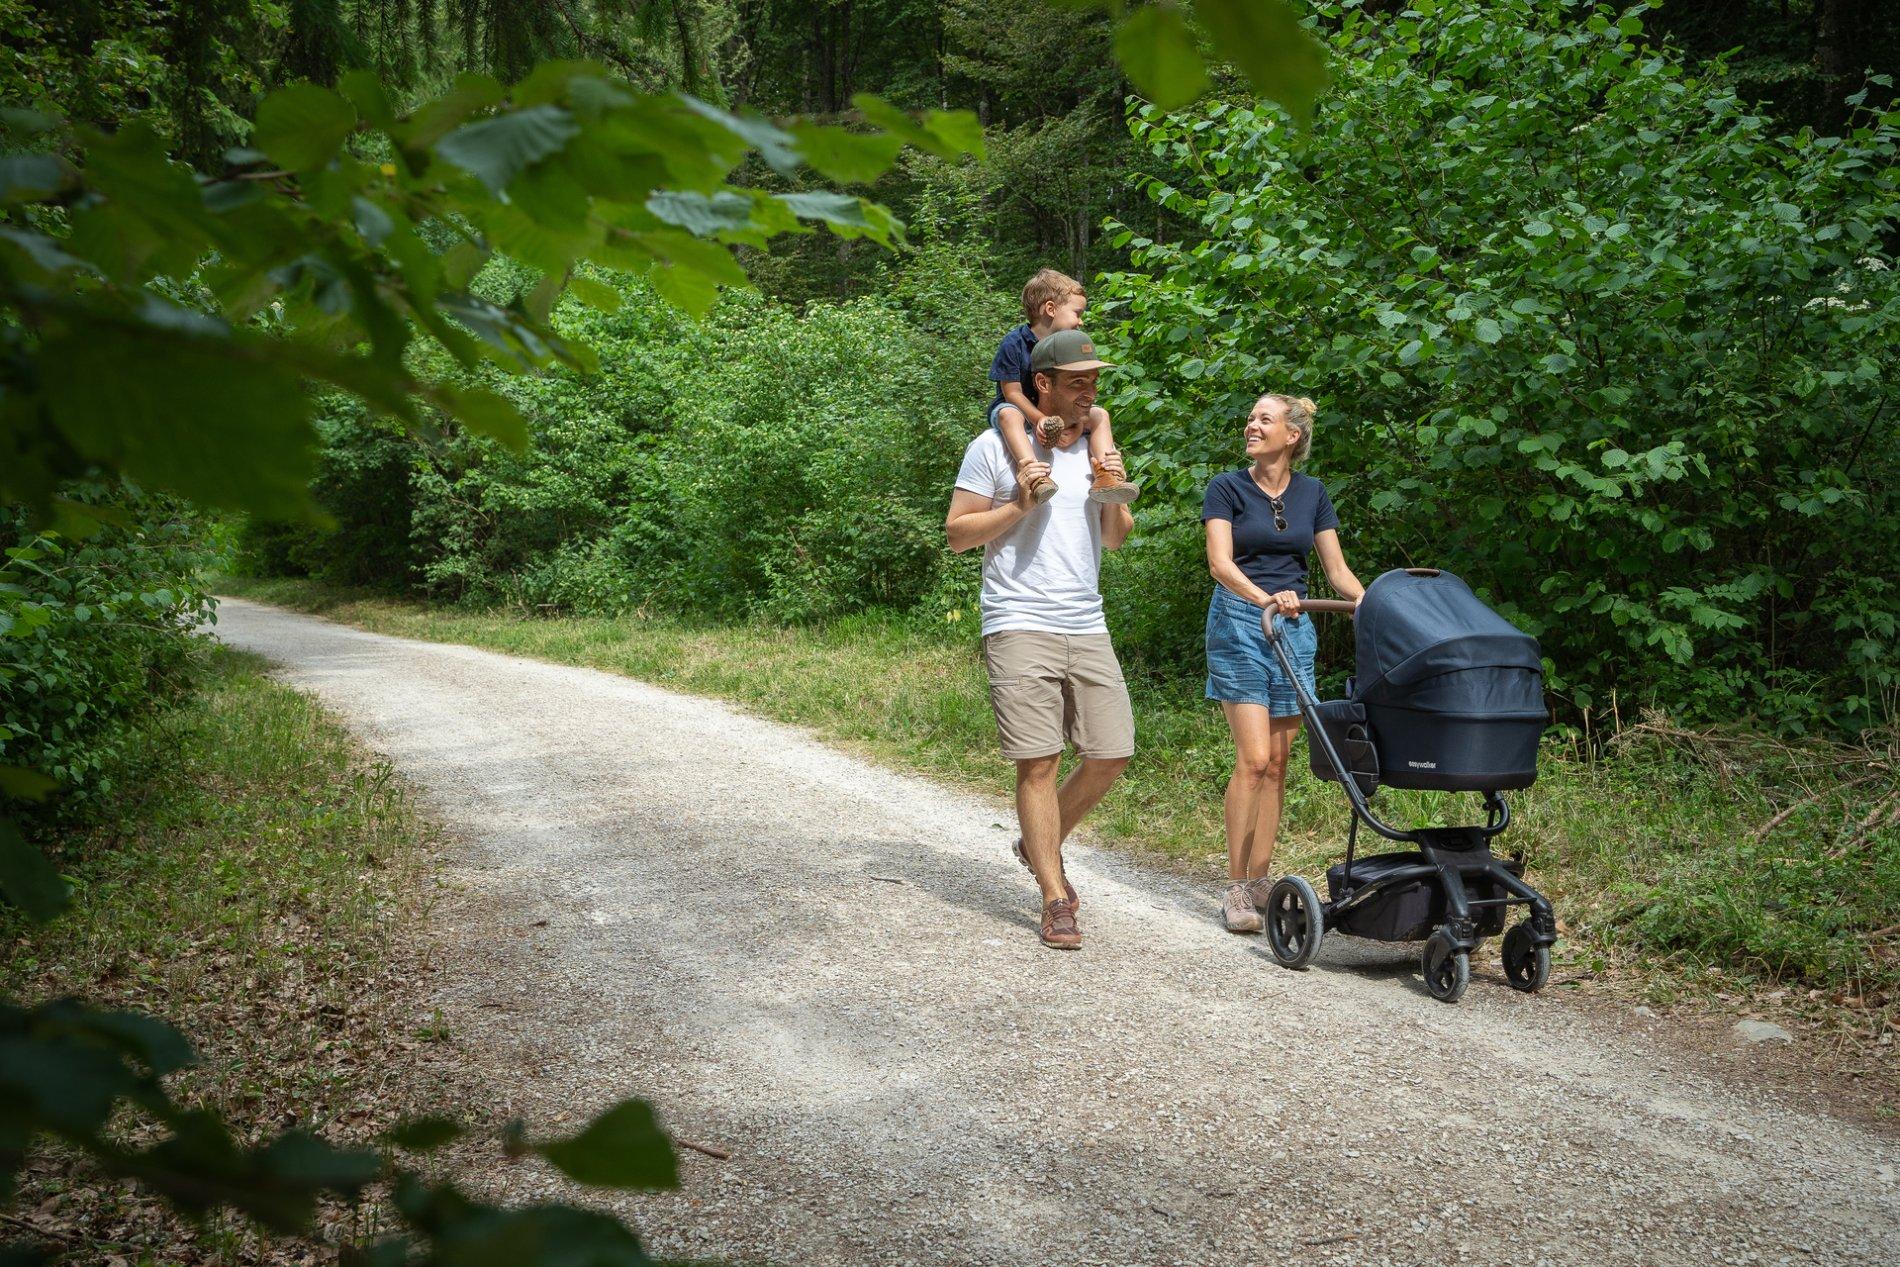 Zwei Wanderer*innen laufen auf einem Wiesenweg lächelnd entlang, der zwischen Hecken und Sträuchern hindurch führt.